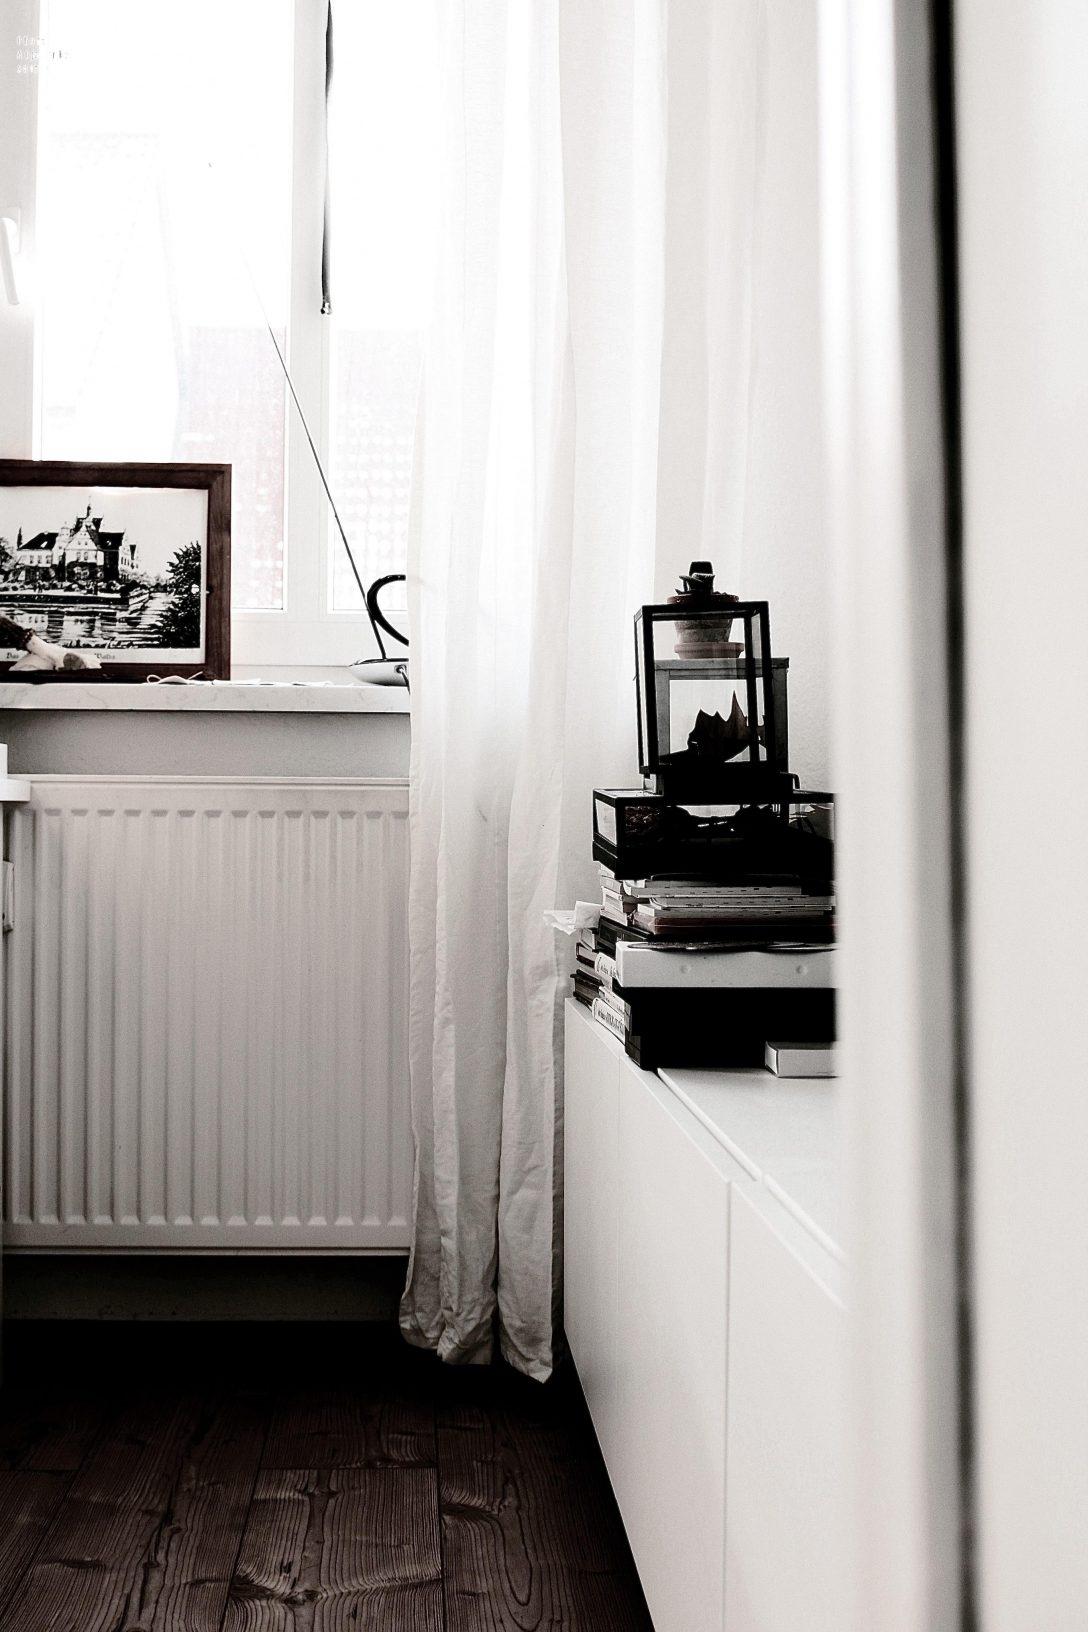 Full Size of Heizkrper Wohnzimmer Verkleiden Fr Design Kermi Edelstahl Heizkörper Bad Elektroheizkörper Badezimmer Für Wohnzimmer Kermi Heizkörper